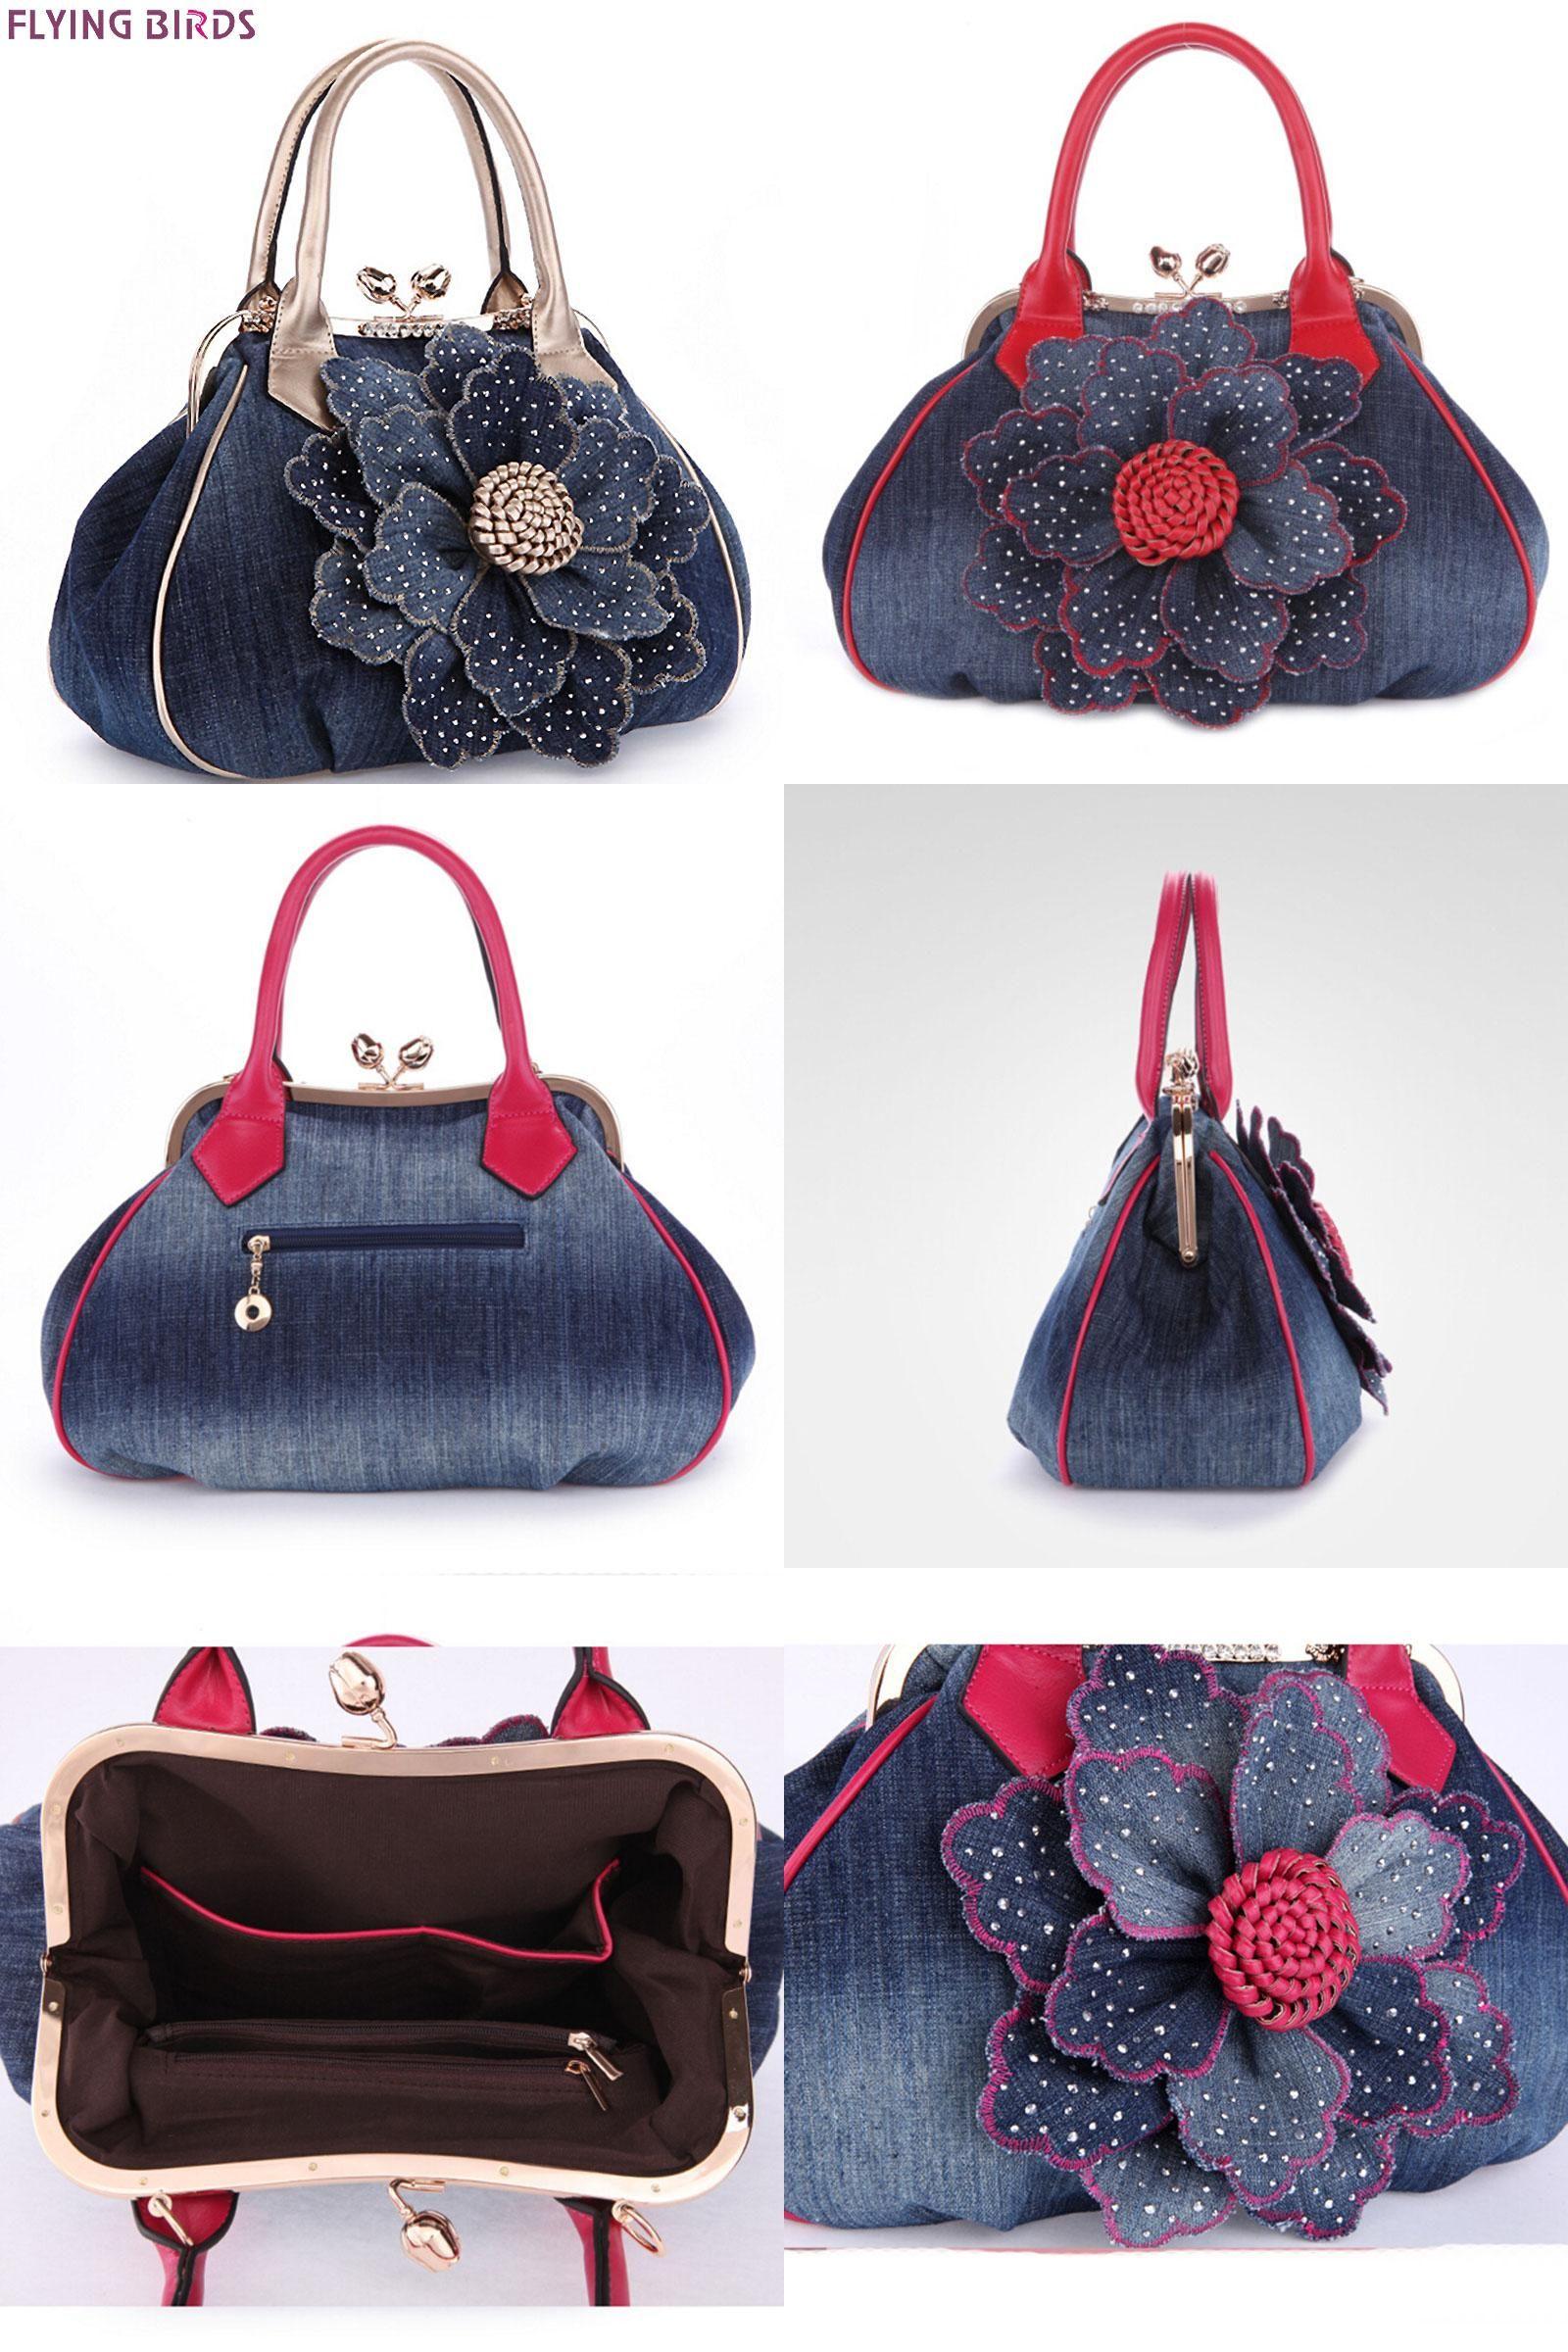 a49728ff699 Visit to Buy] FLYING BIRDS designer women handbag vintage flower ...